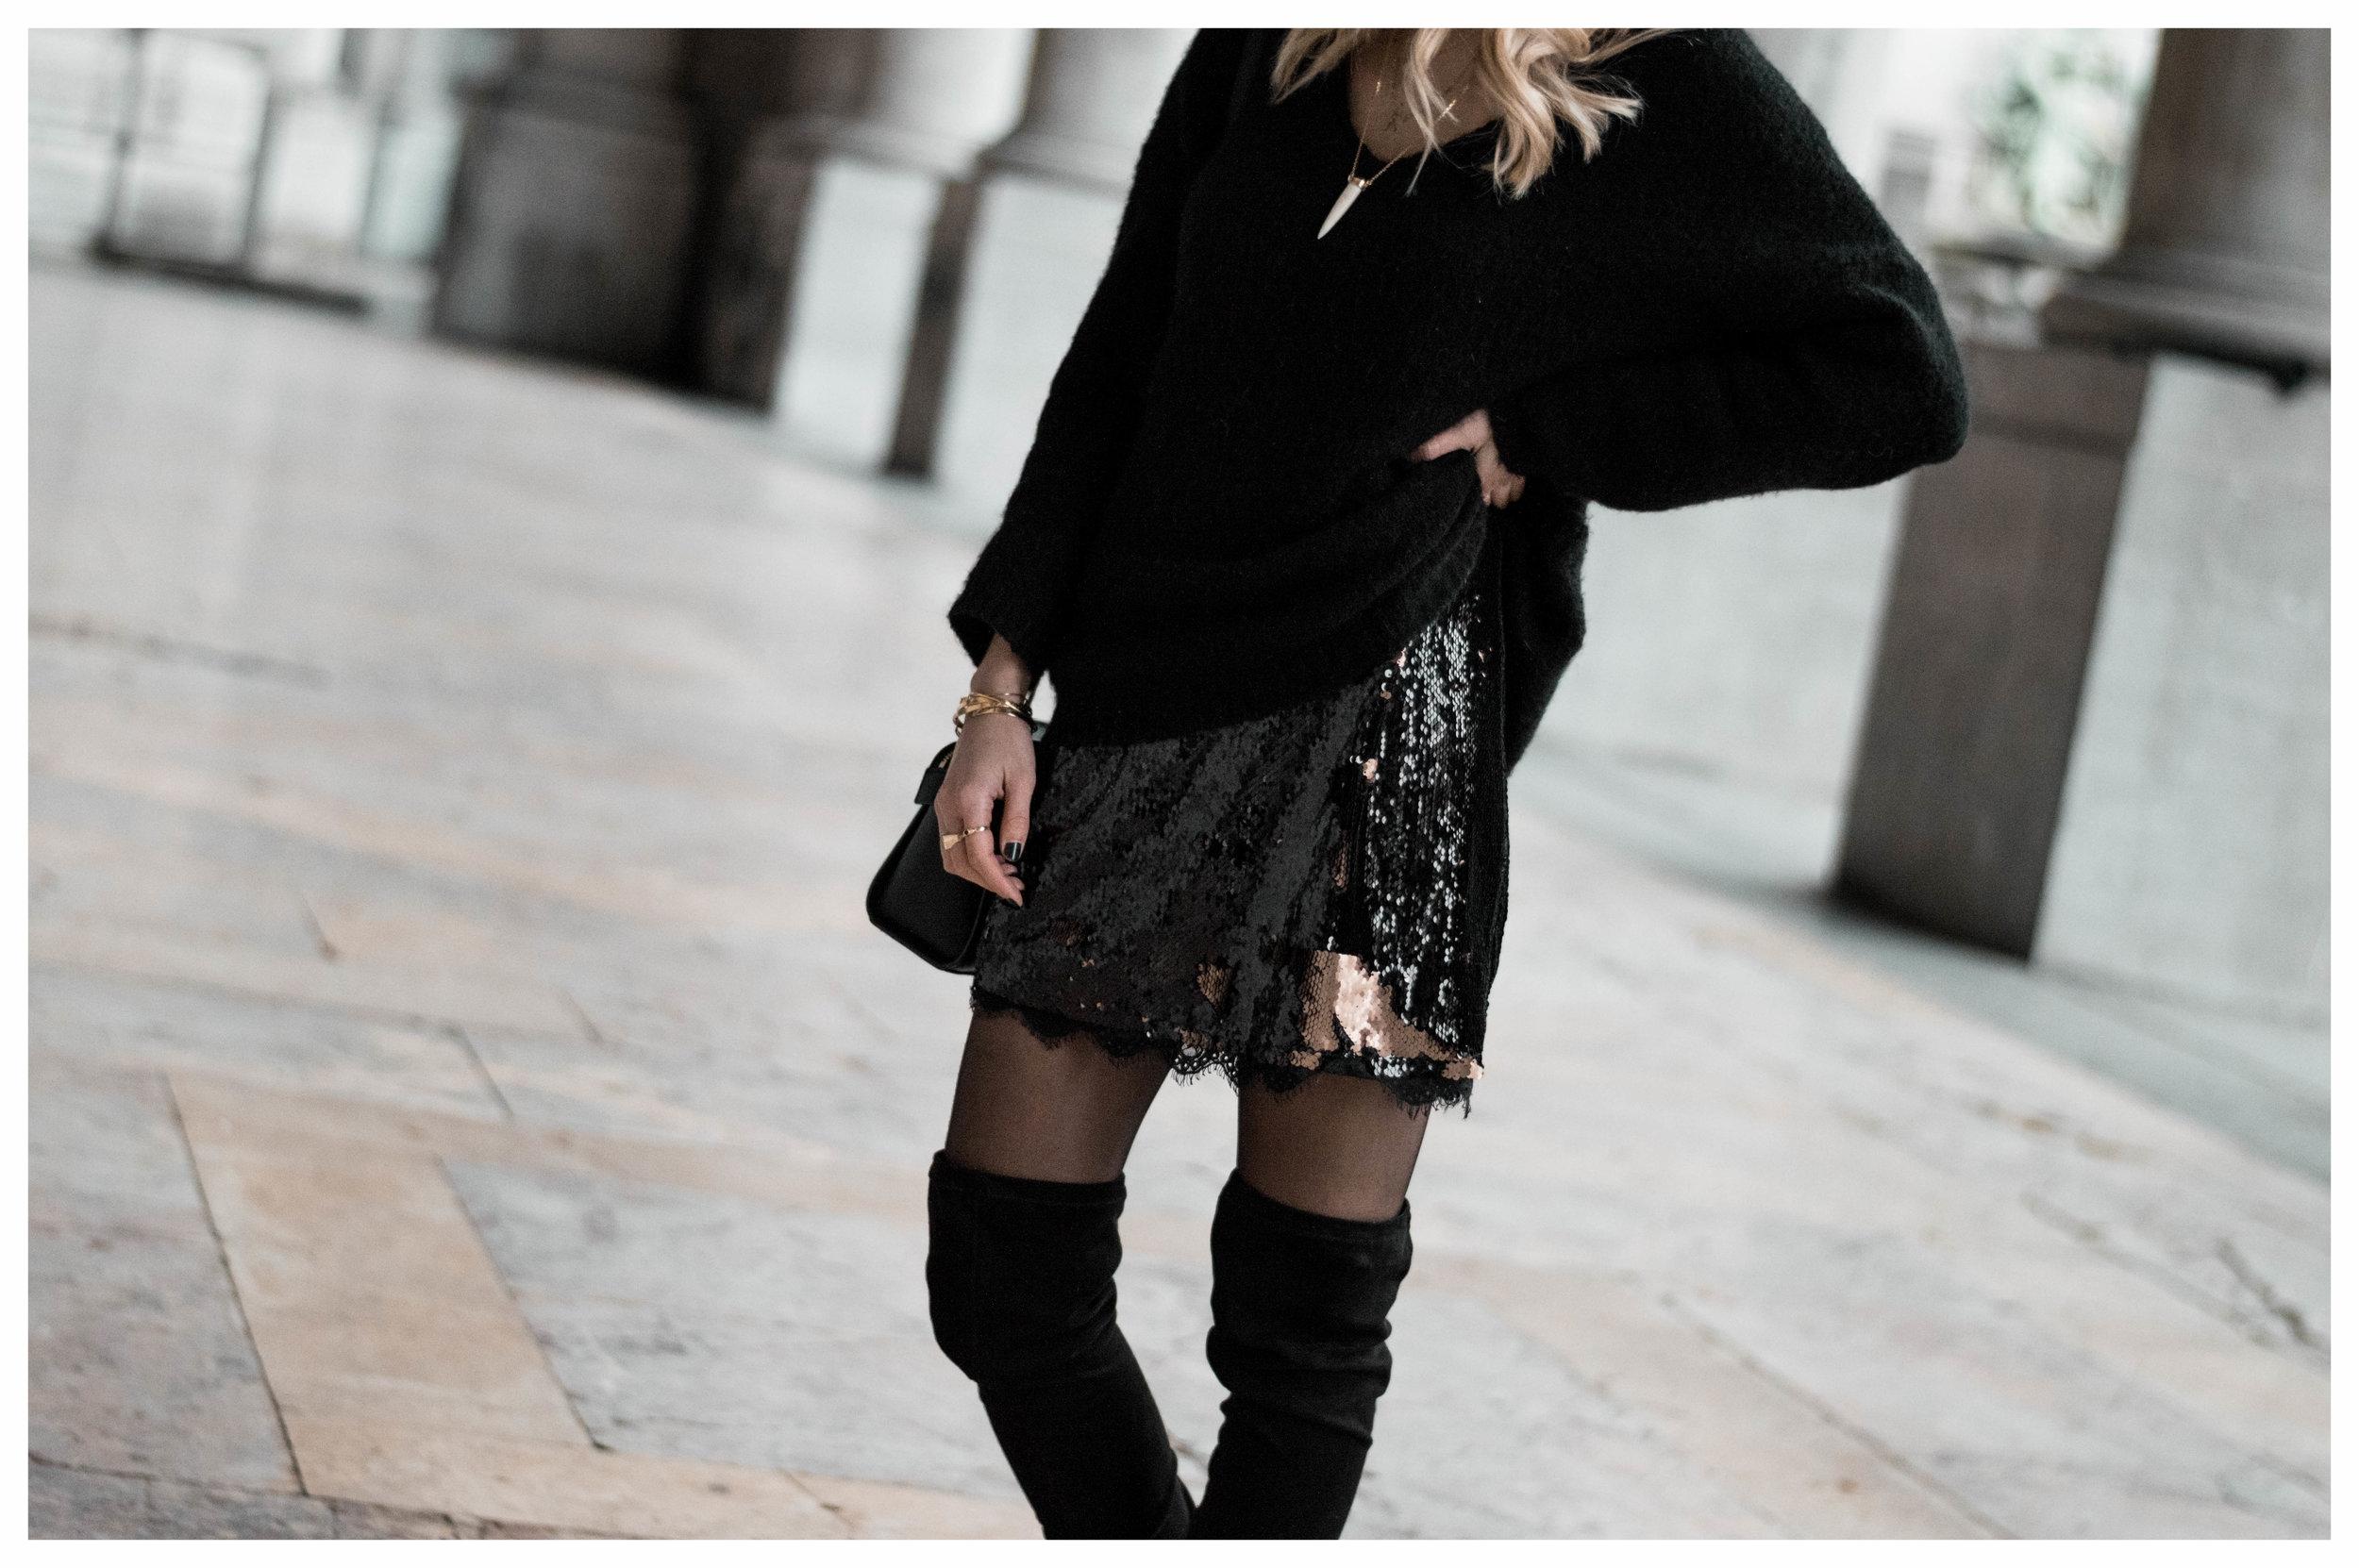 Party Dress Zalando - OSIARAH.COM (37 sur 41).jpg